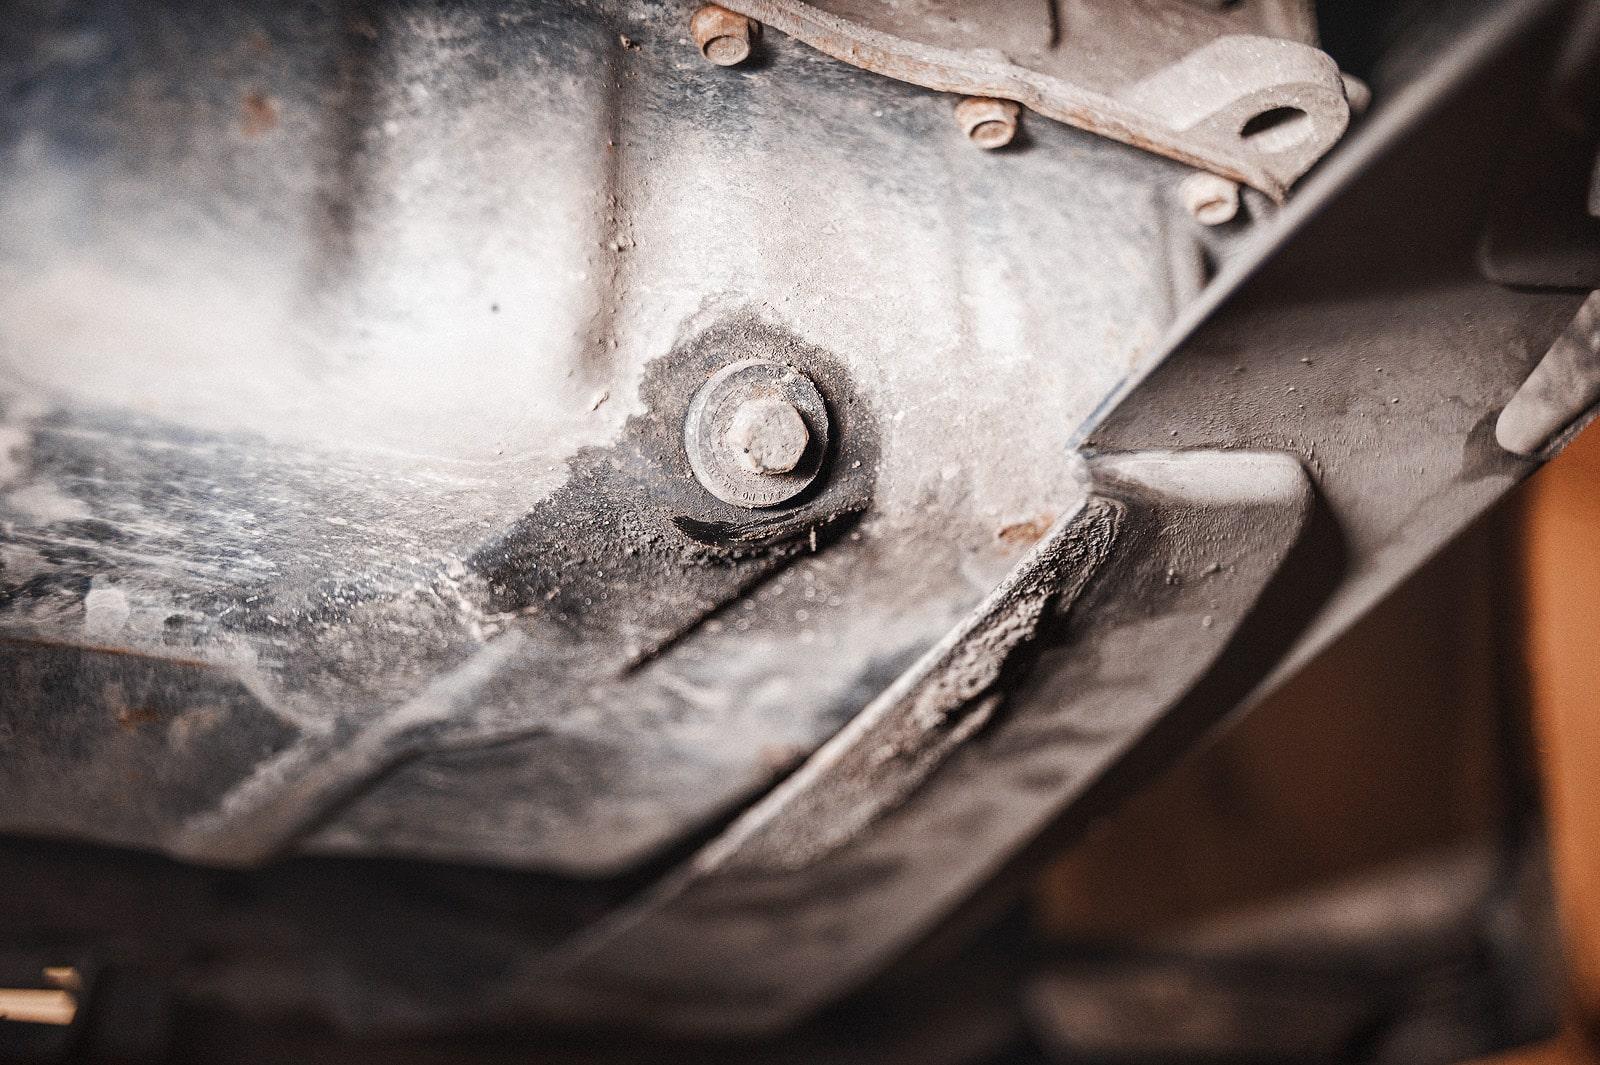 Где находится поддон картера и как он выглядит | Как снять поддон картера (масляный поддон двигателя) без снятия двигателя